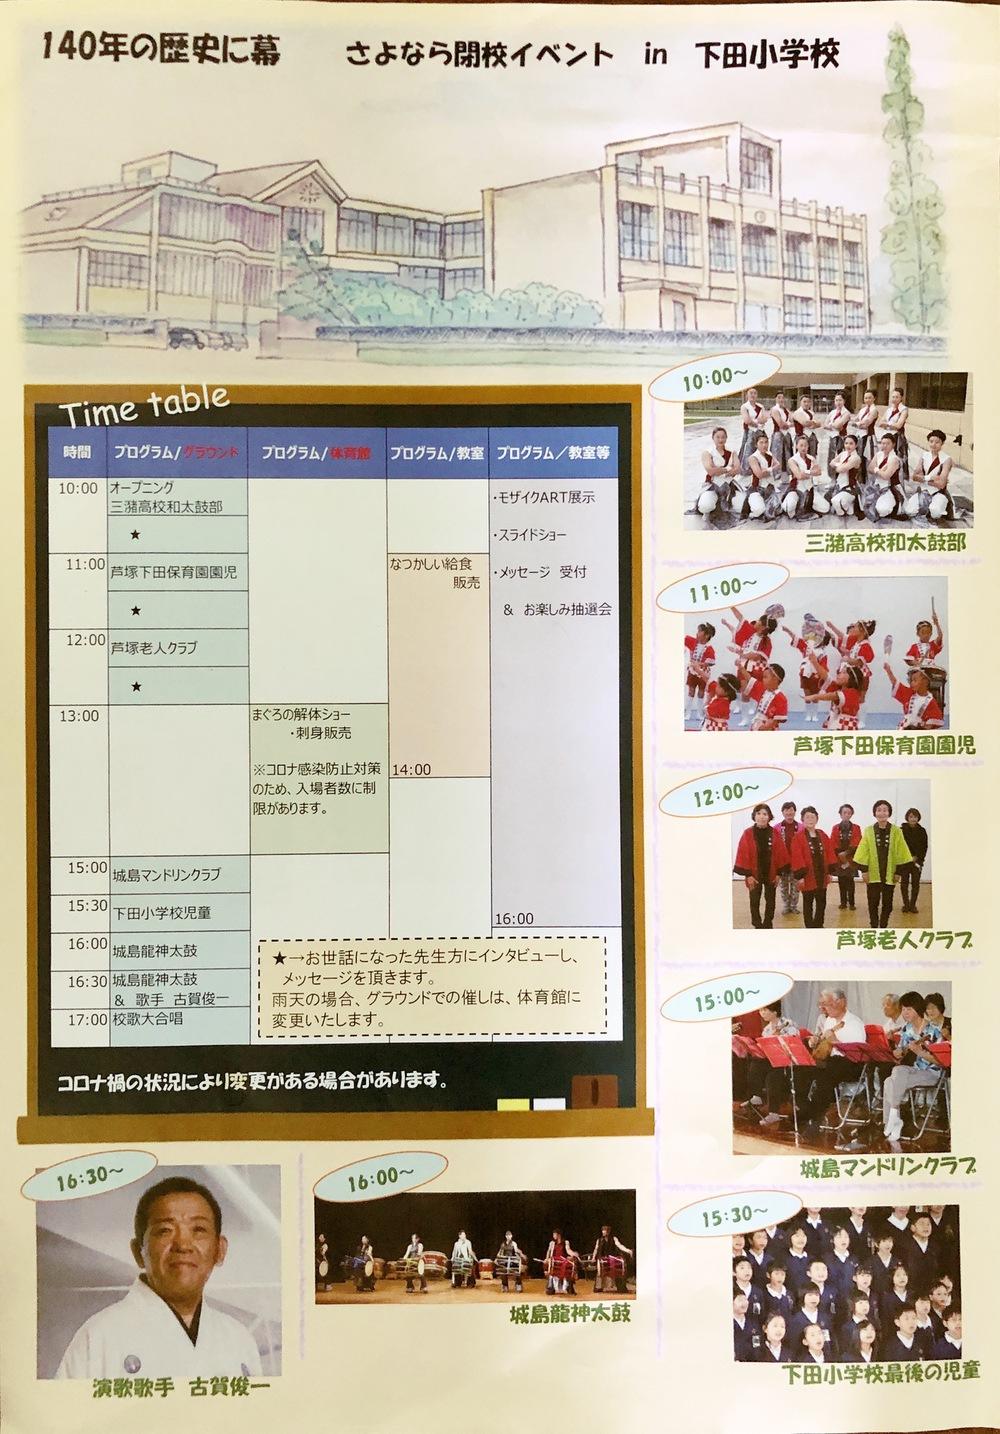 久留米市 下田小学校 140年の歴史に幕「さよなら閉校イベント」